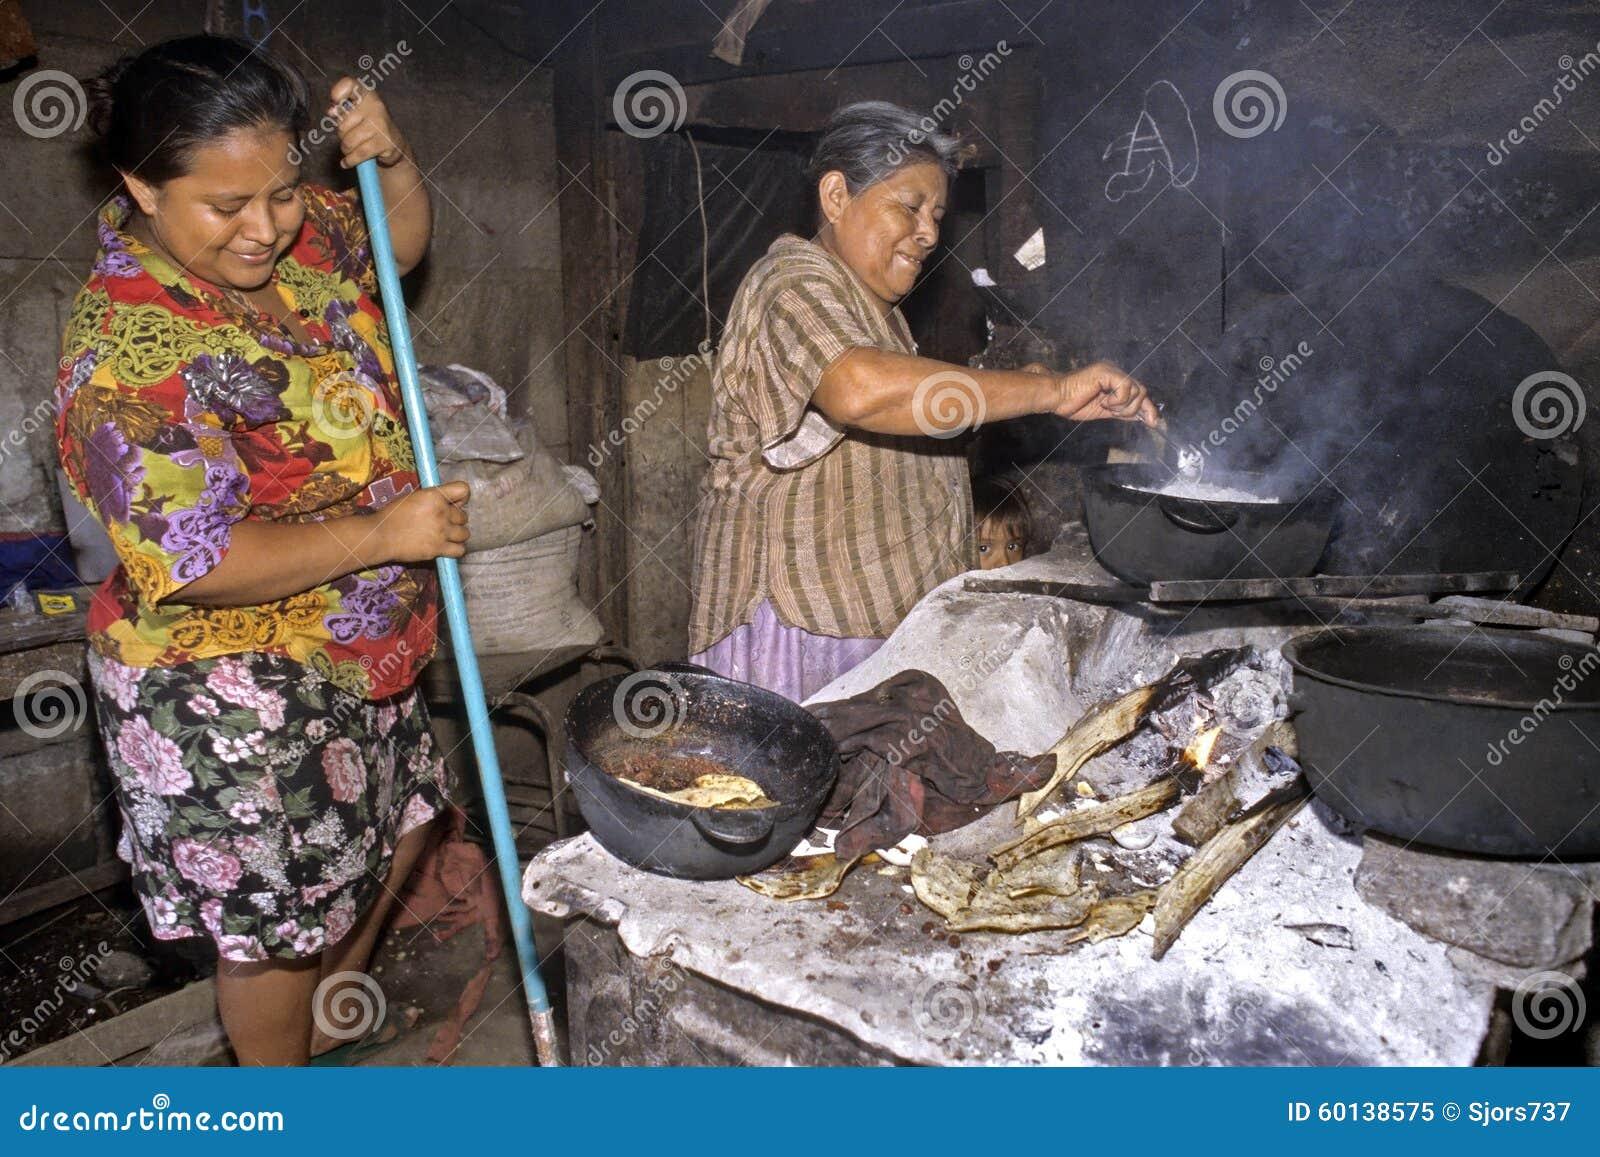 Señoras El Cocinar Y De La Limpieza En Cocina En Los Tugurios Imagen